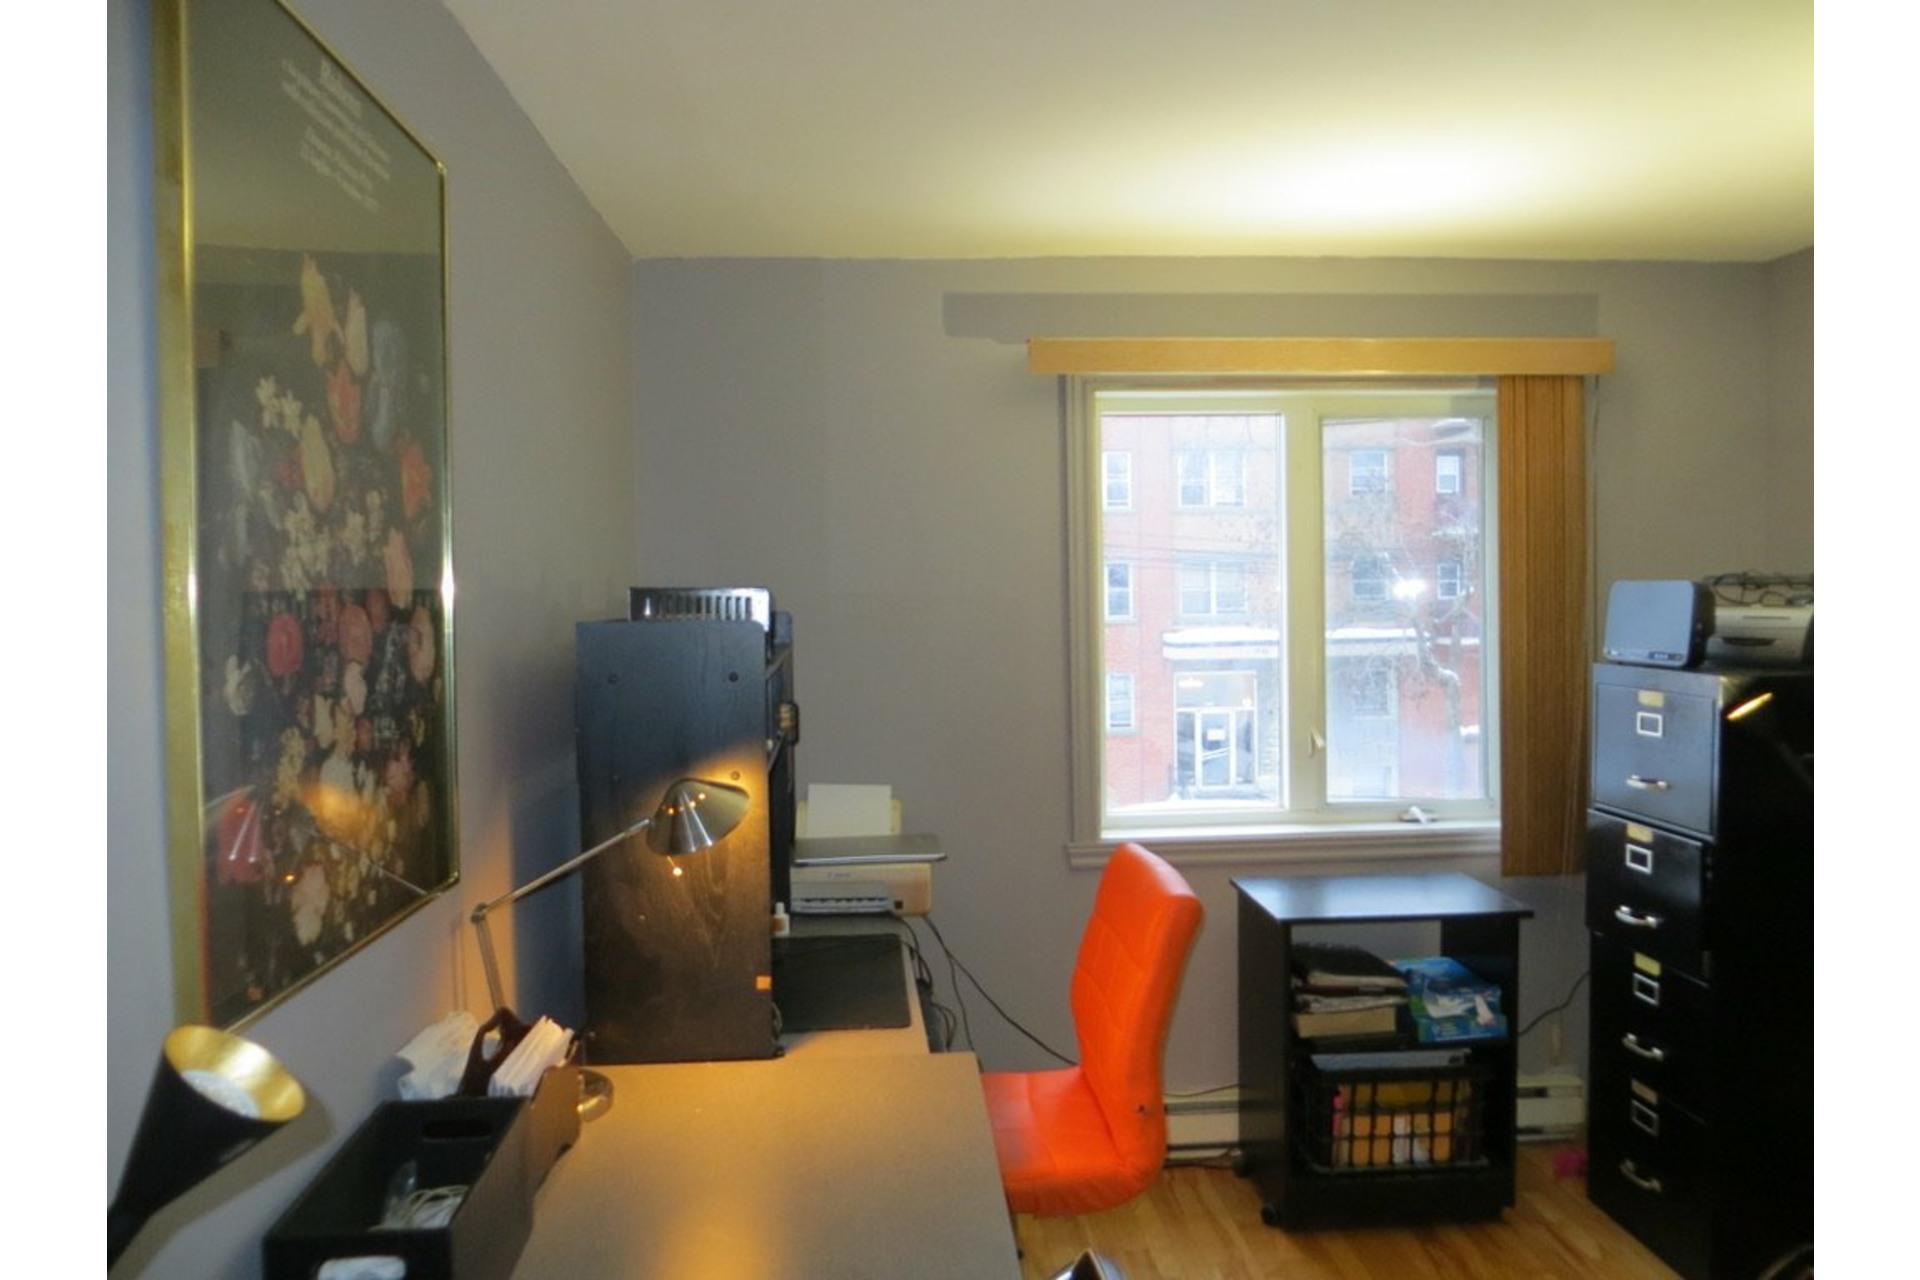 image 32 - Appartement À vendre Côte-des-Neiges/Notre-Dame-de-Grâce Montréal  - 6 pièces